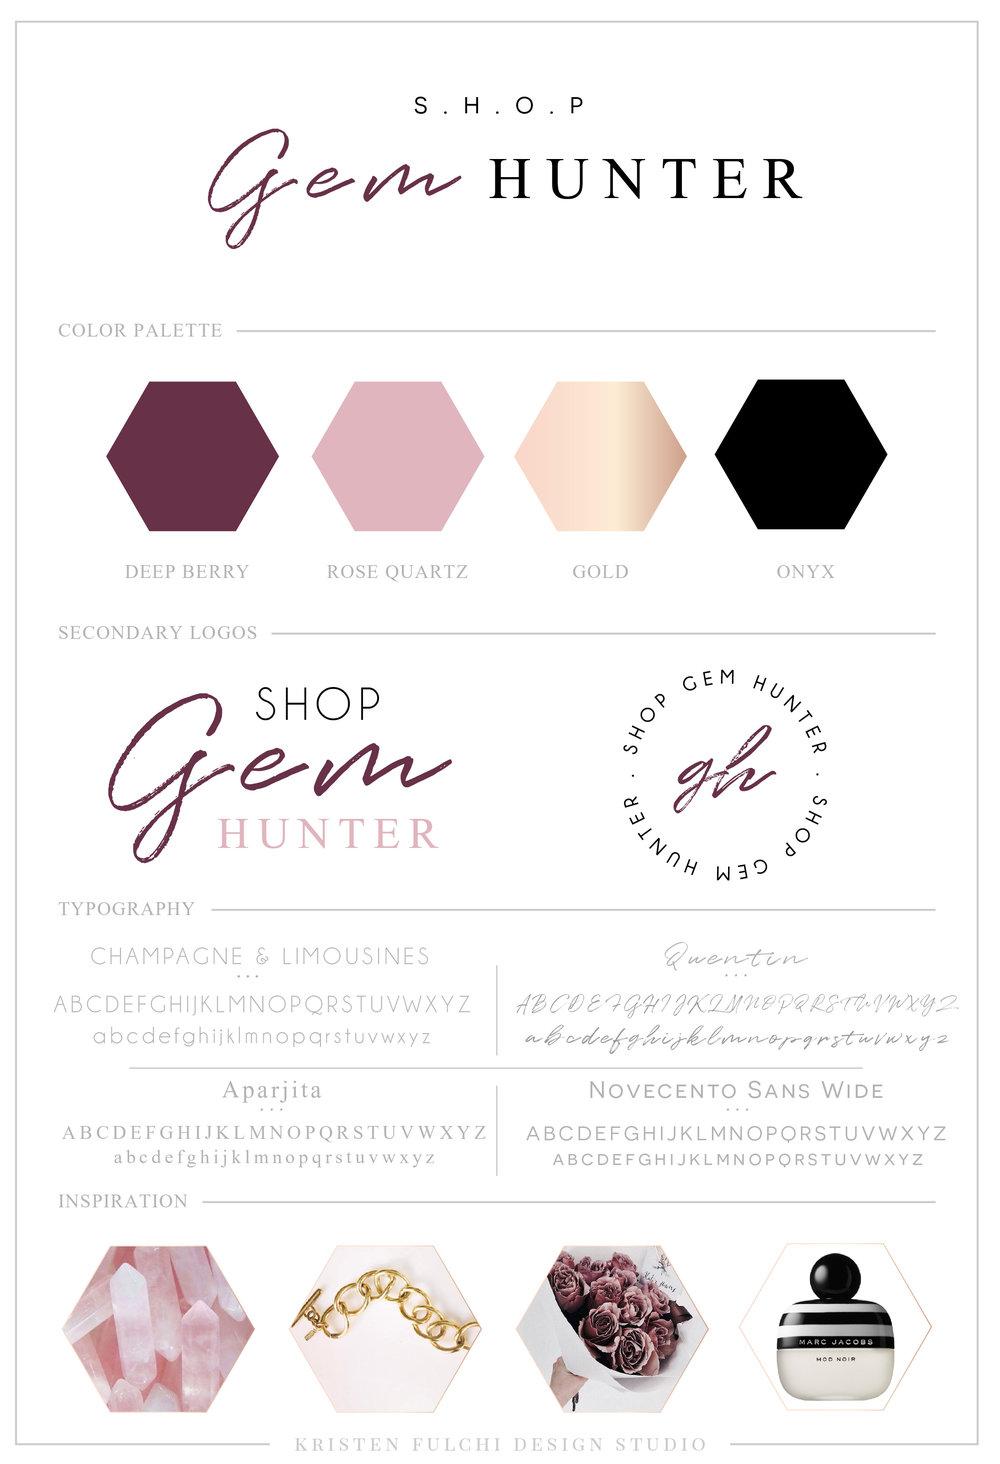 kristen-fulchi-design-studio-branding-for-shop-gem-hunter-thoughtful-design-branding-for-creatives.jpg